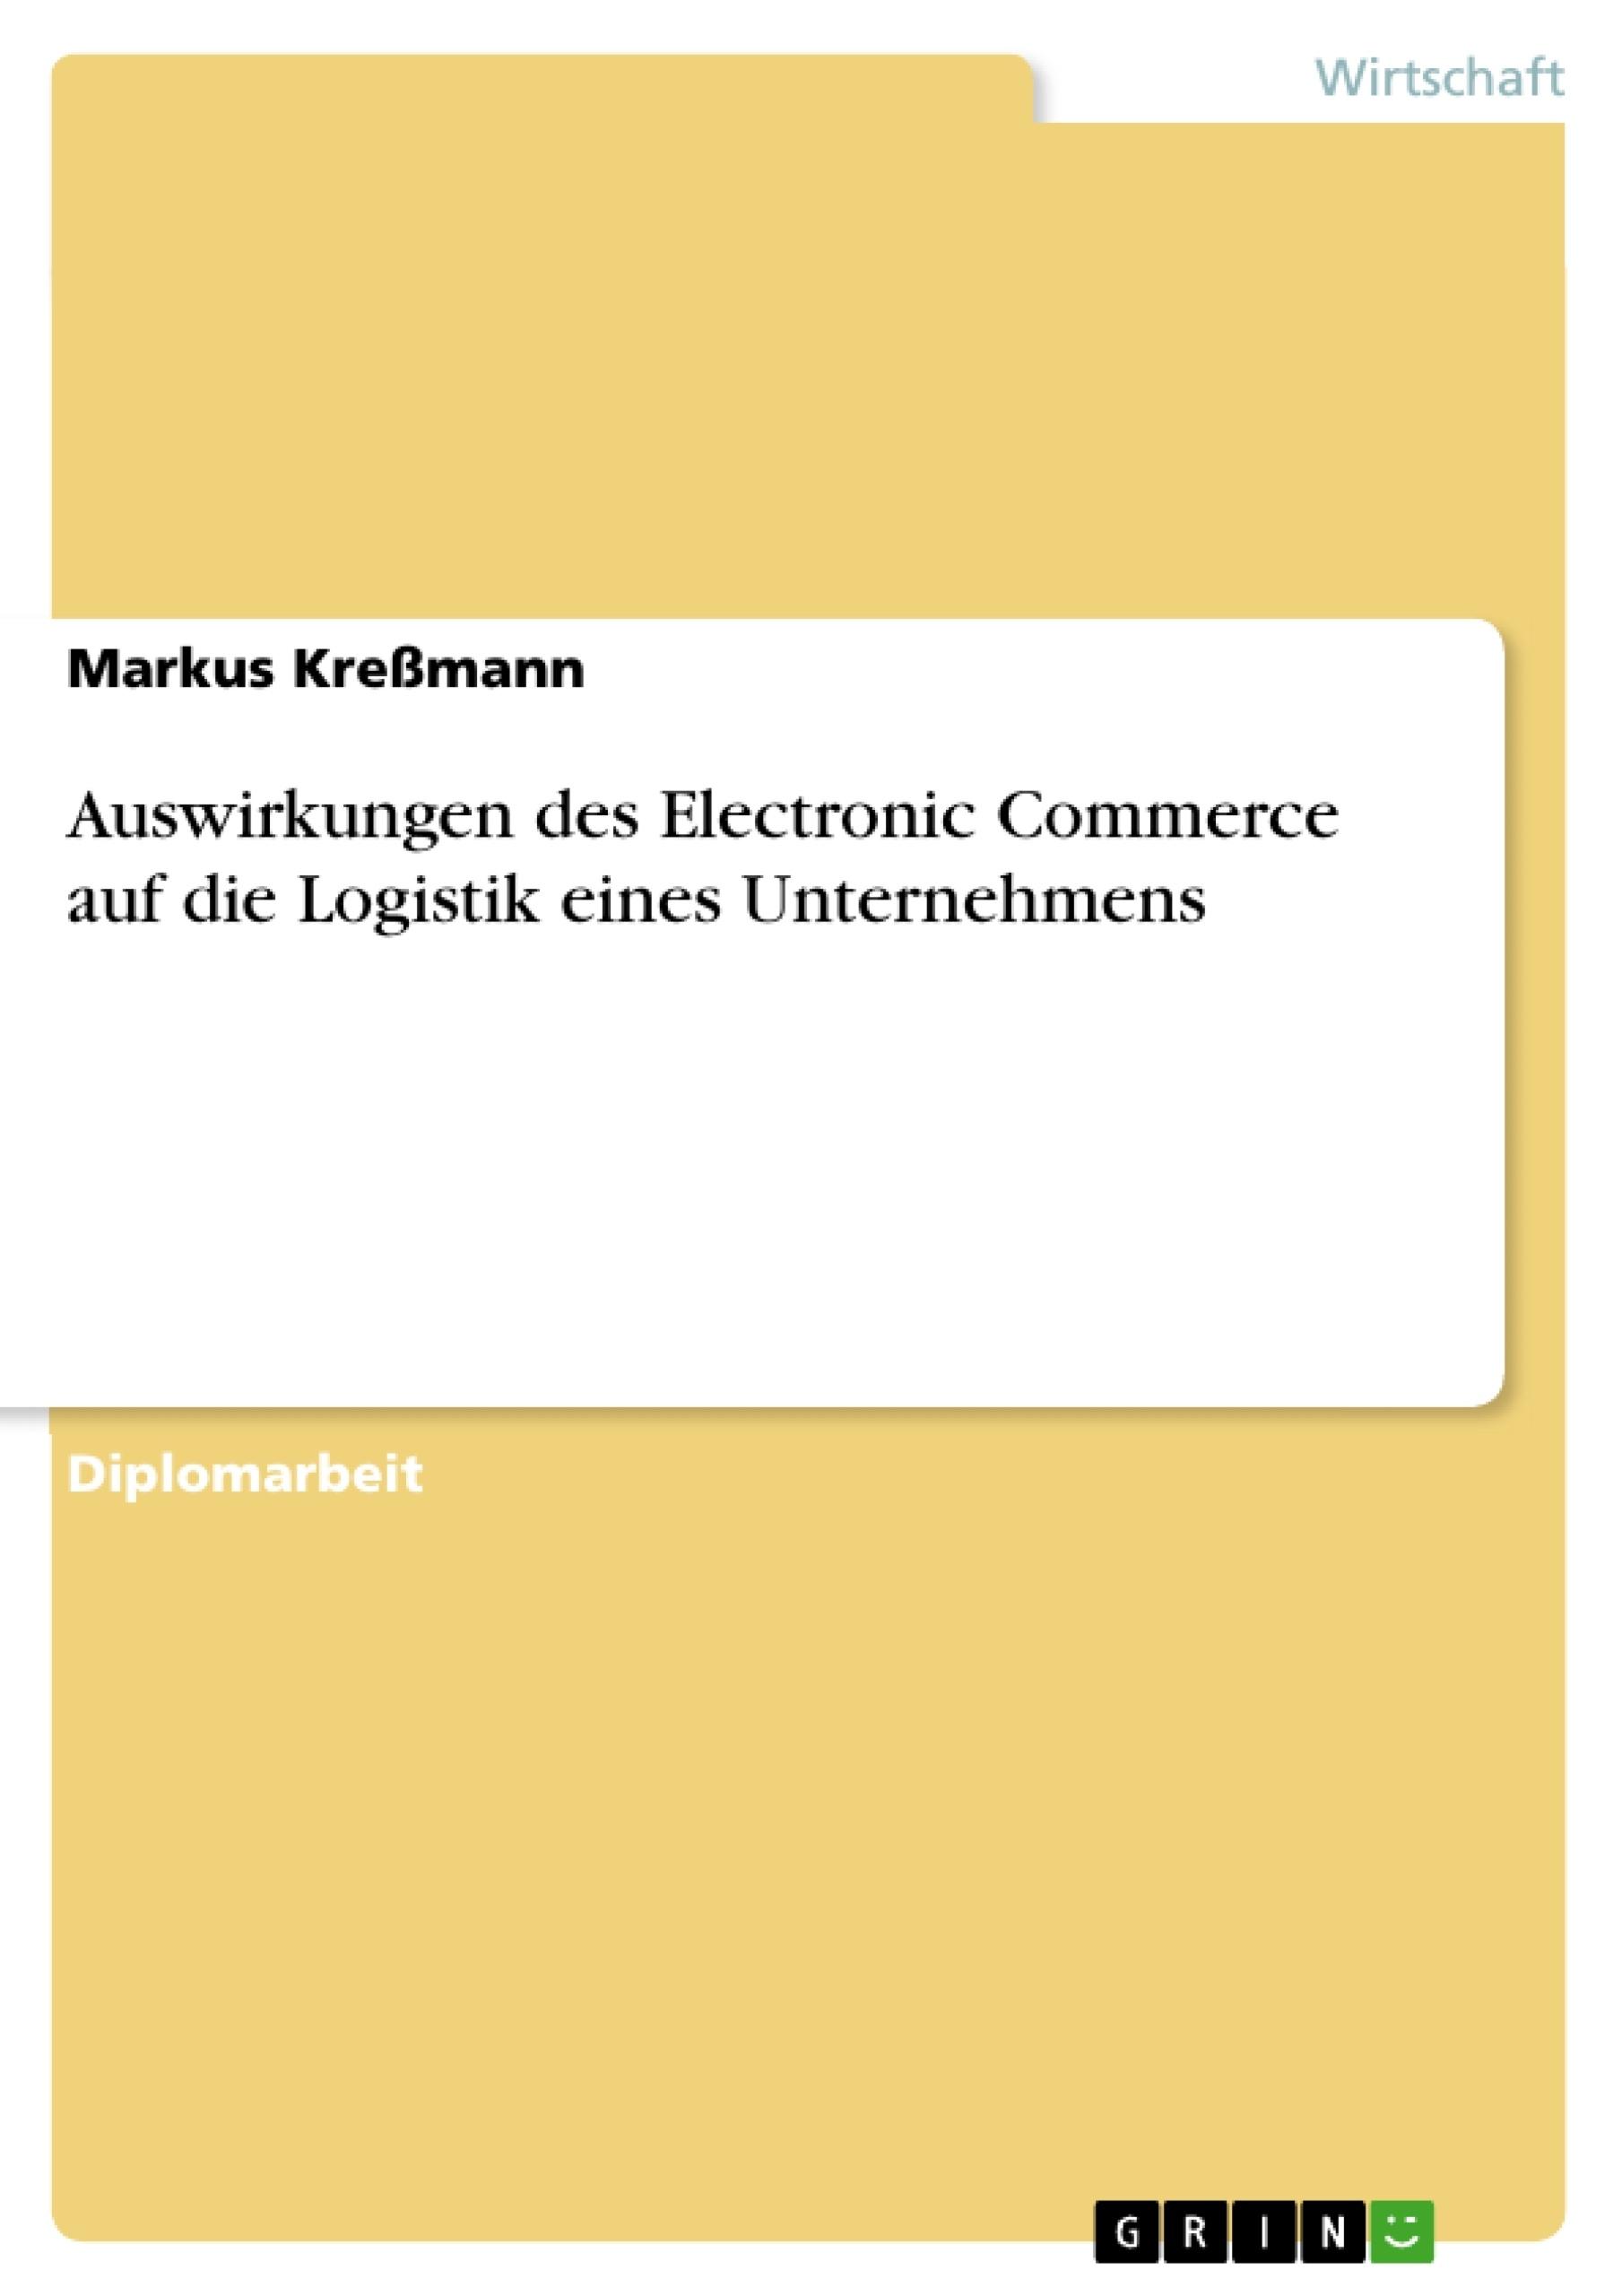 Titel: Auswirkungen des Electronic Commerce auf die Logistik eines Unternehmens